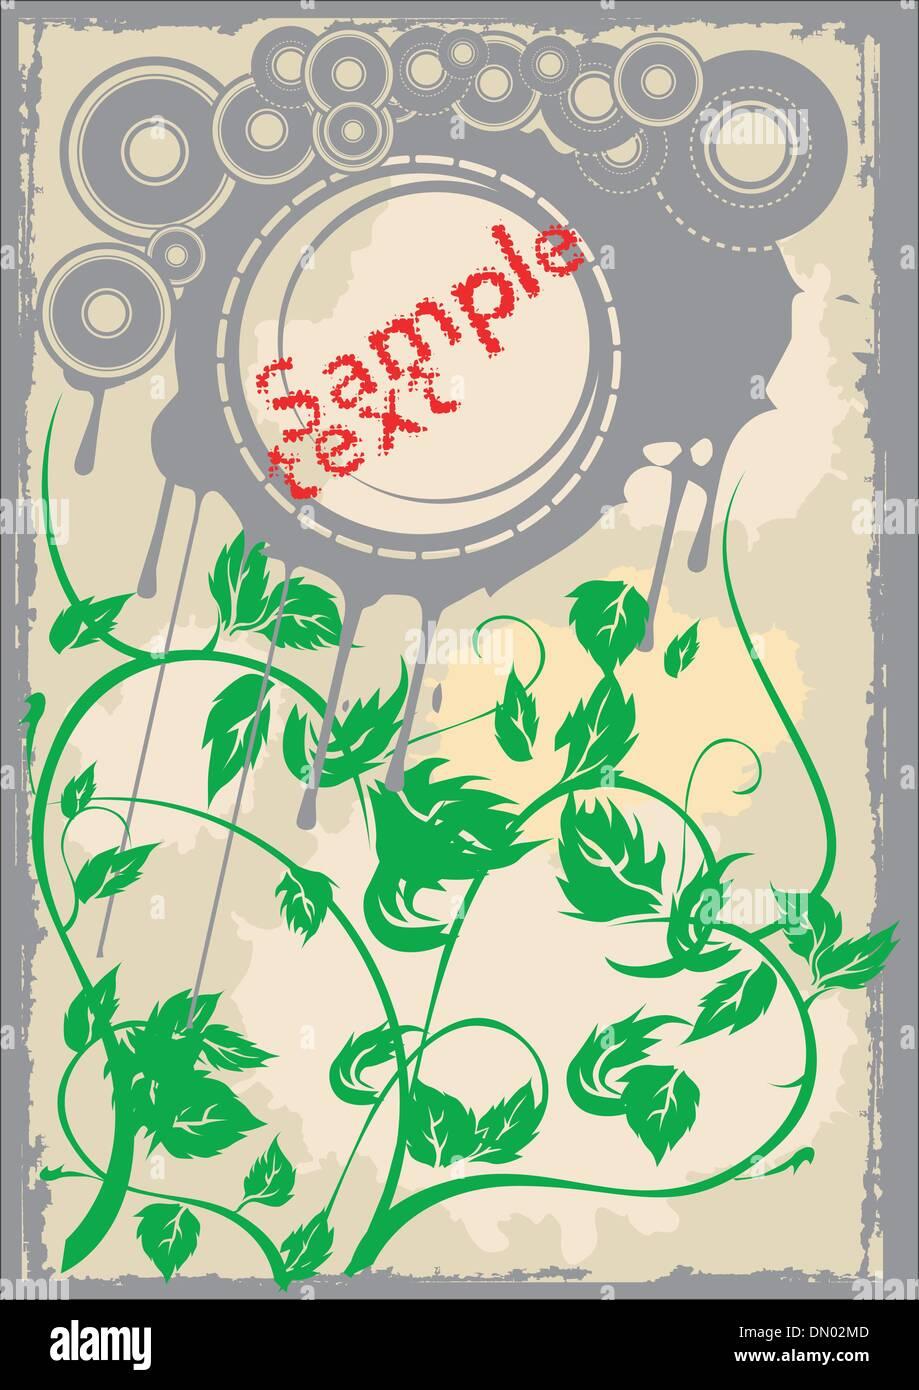 Discos gris hojas verdes página antigua. Flayer. Ilustración vectorial. No se engrana. Ilustración del Vector